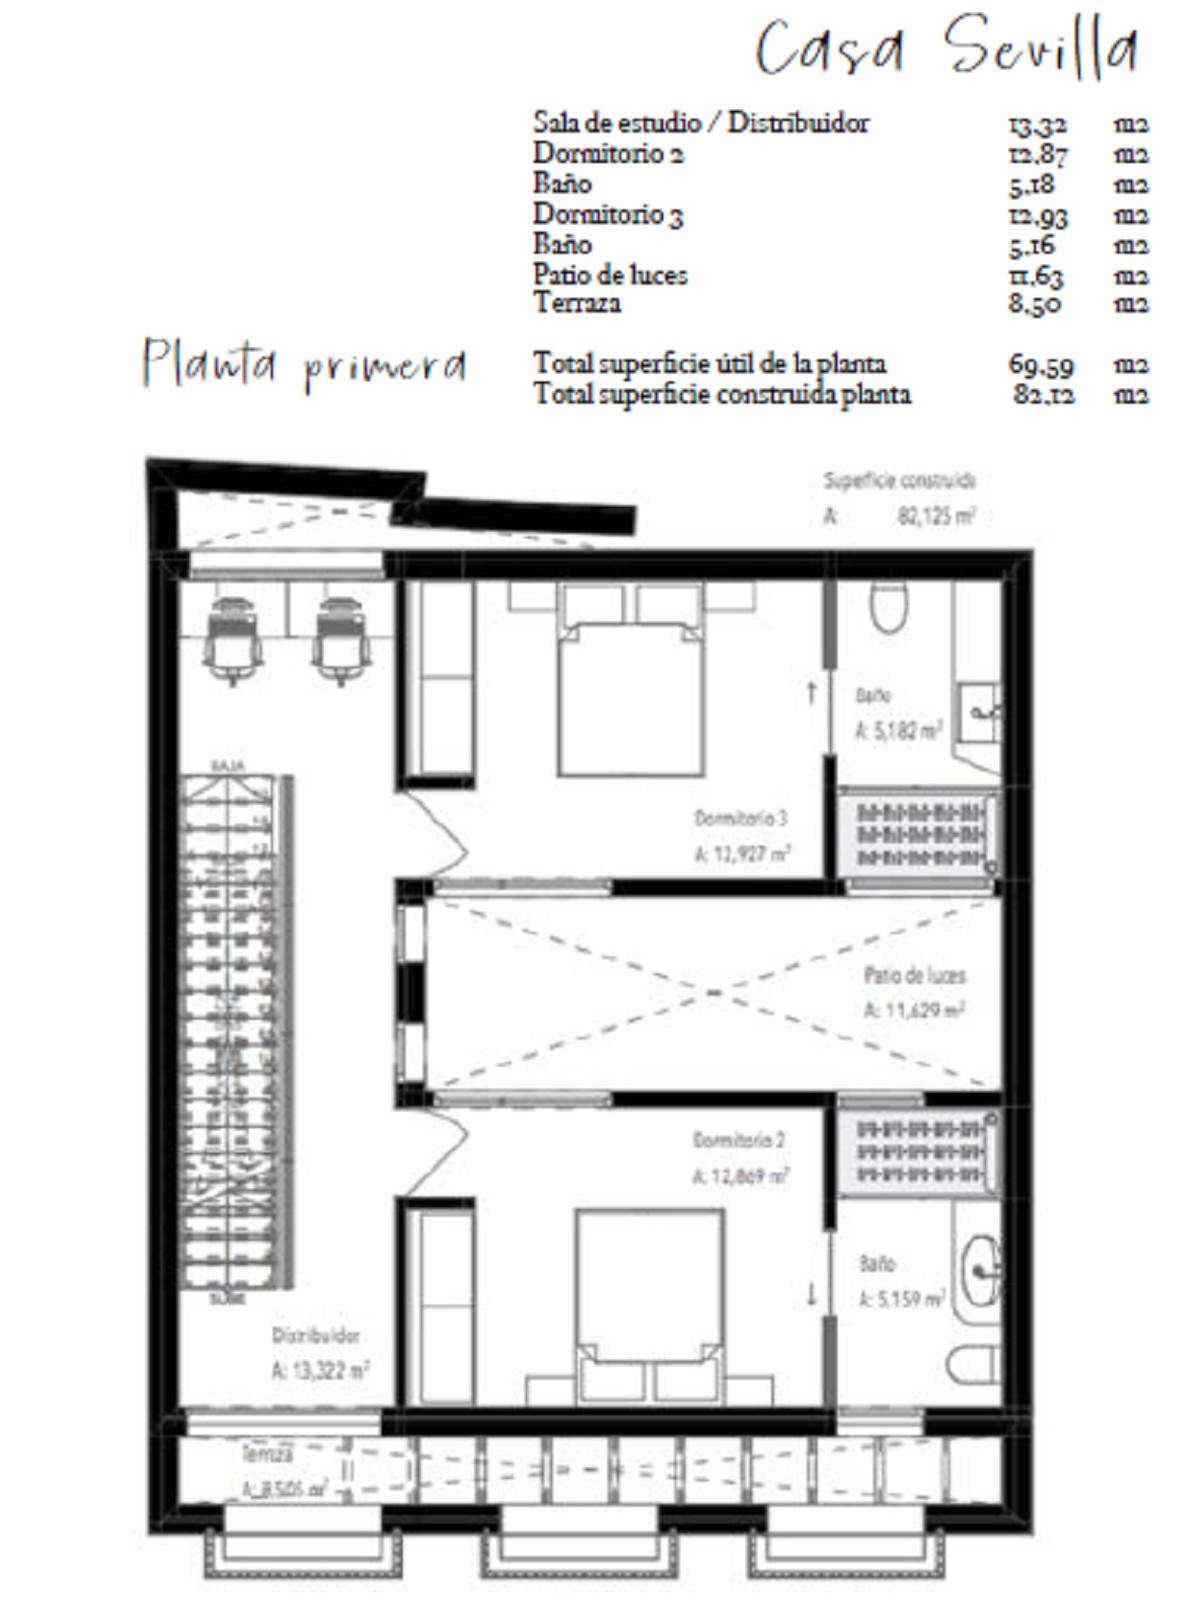 4 Спальн� Виллы на продажу, Estepona